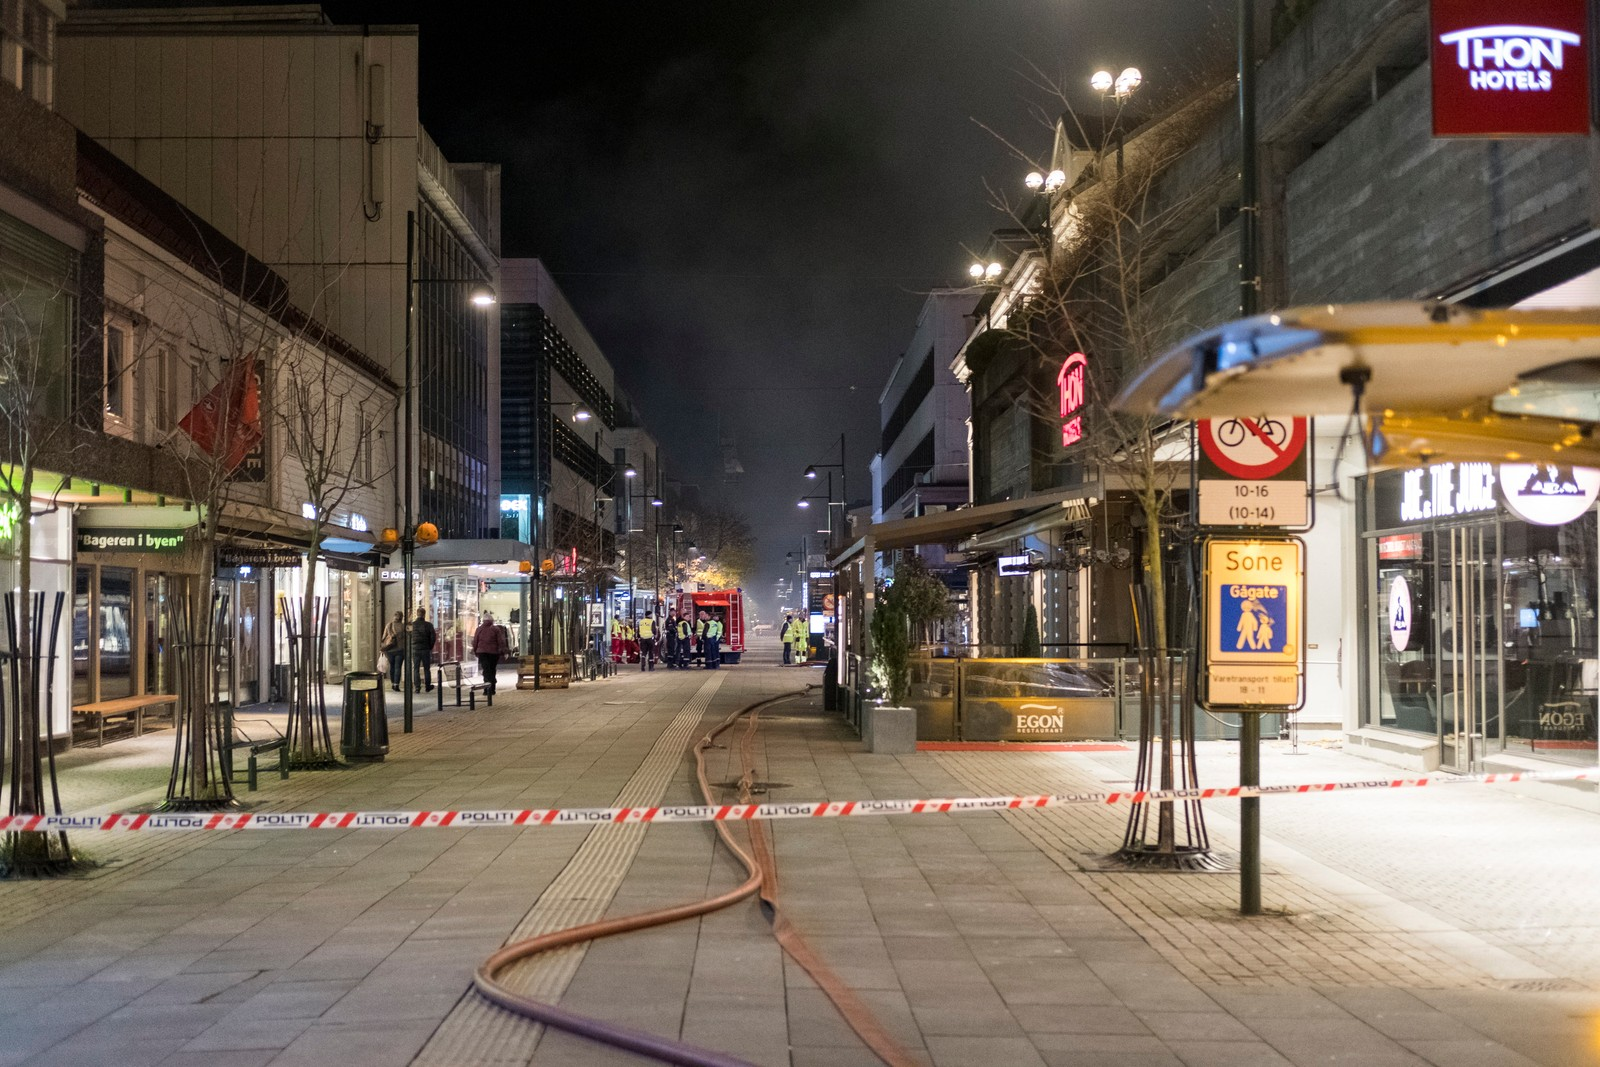 Gjestene ved Thon Hotel og Comfort Hotell ble evakuert og  midlertidig plassert på Ernst Hotell.